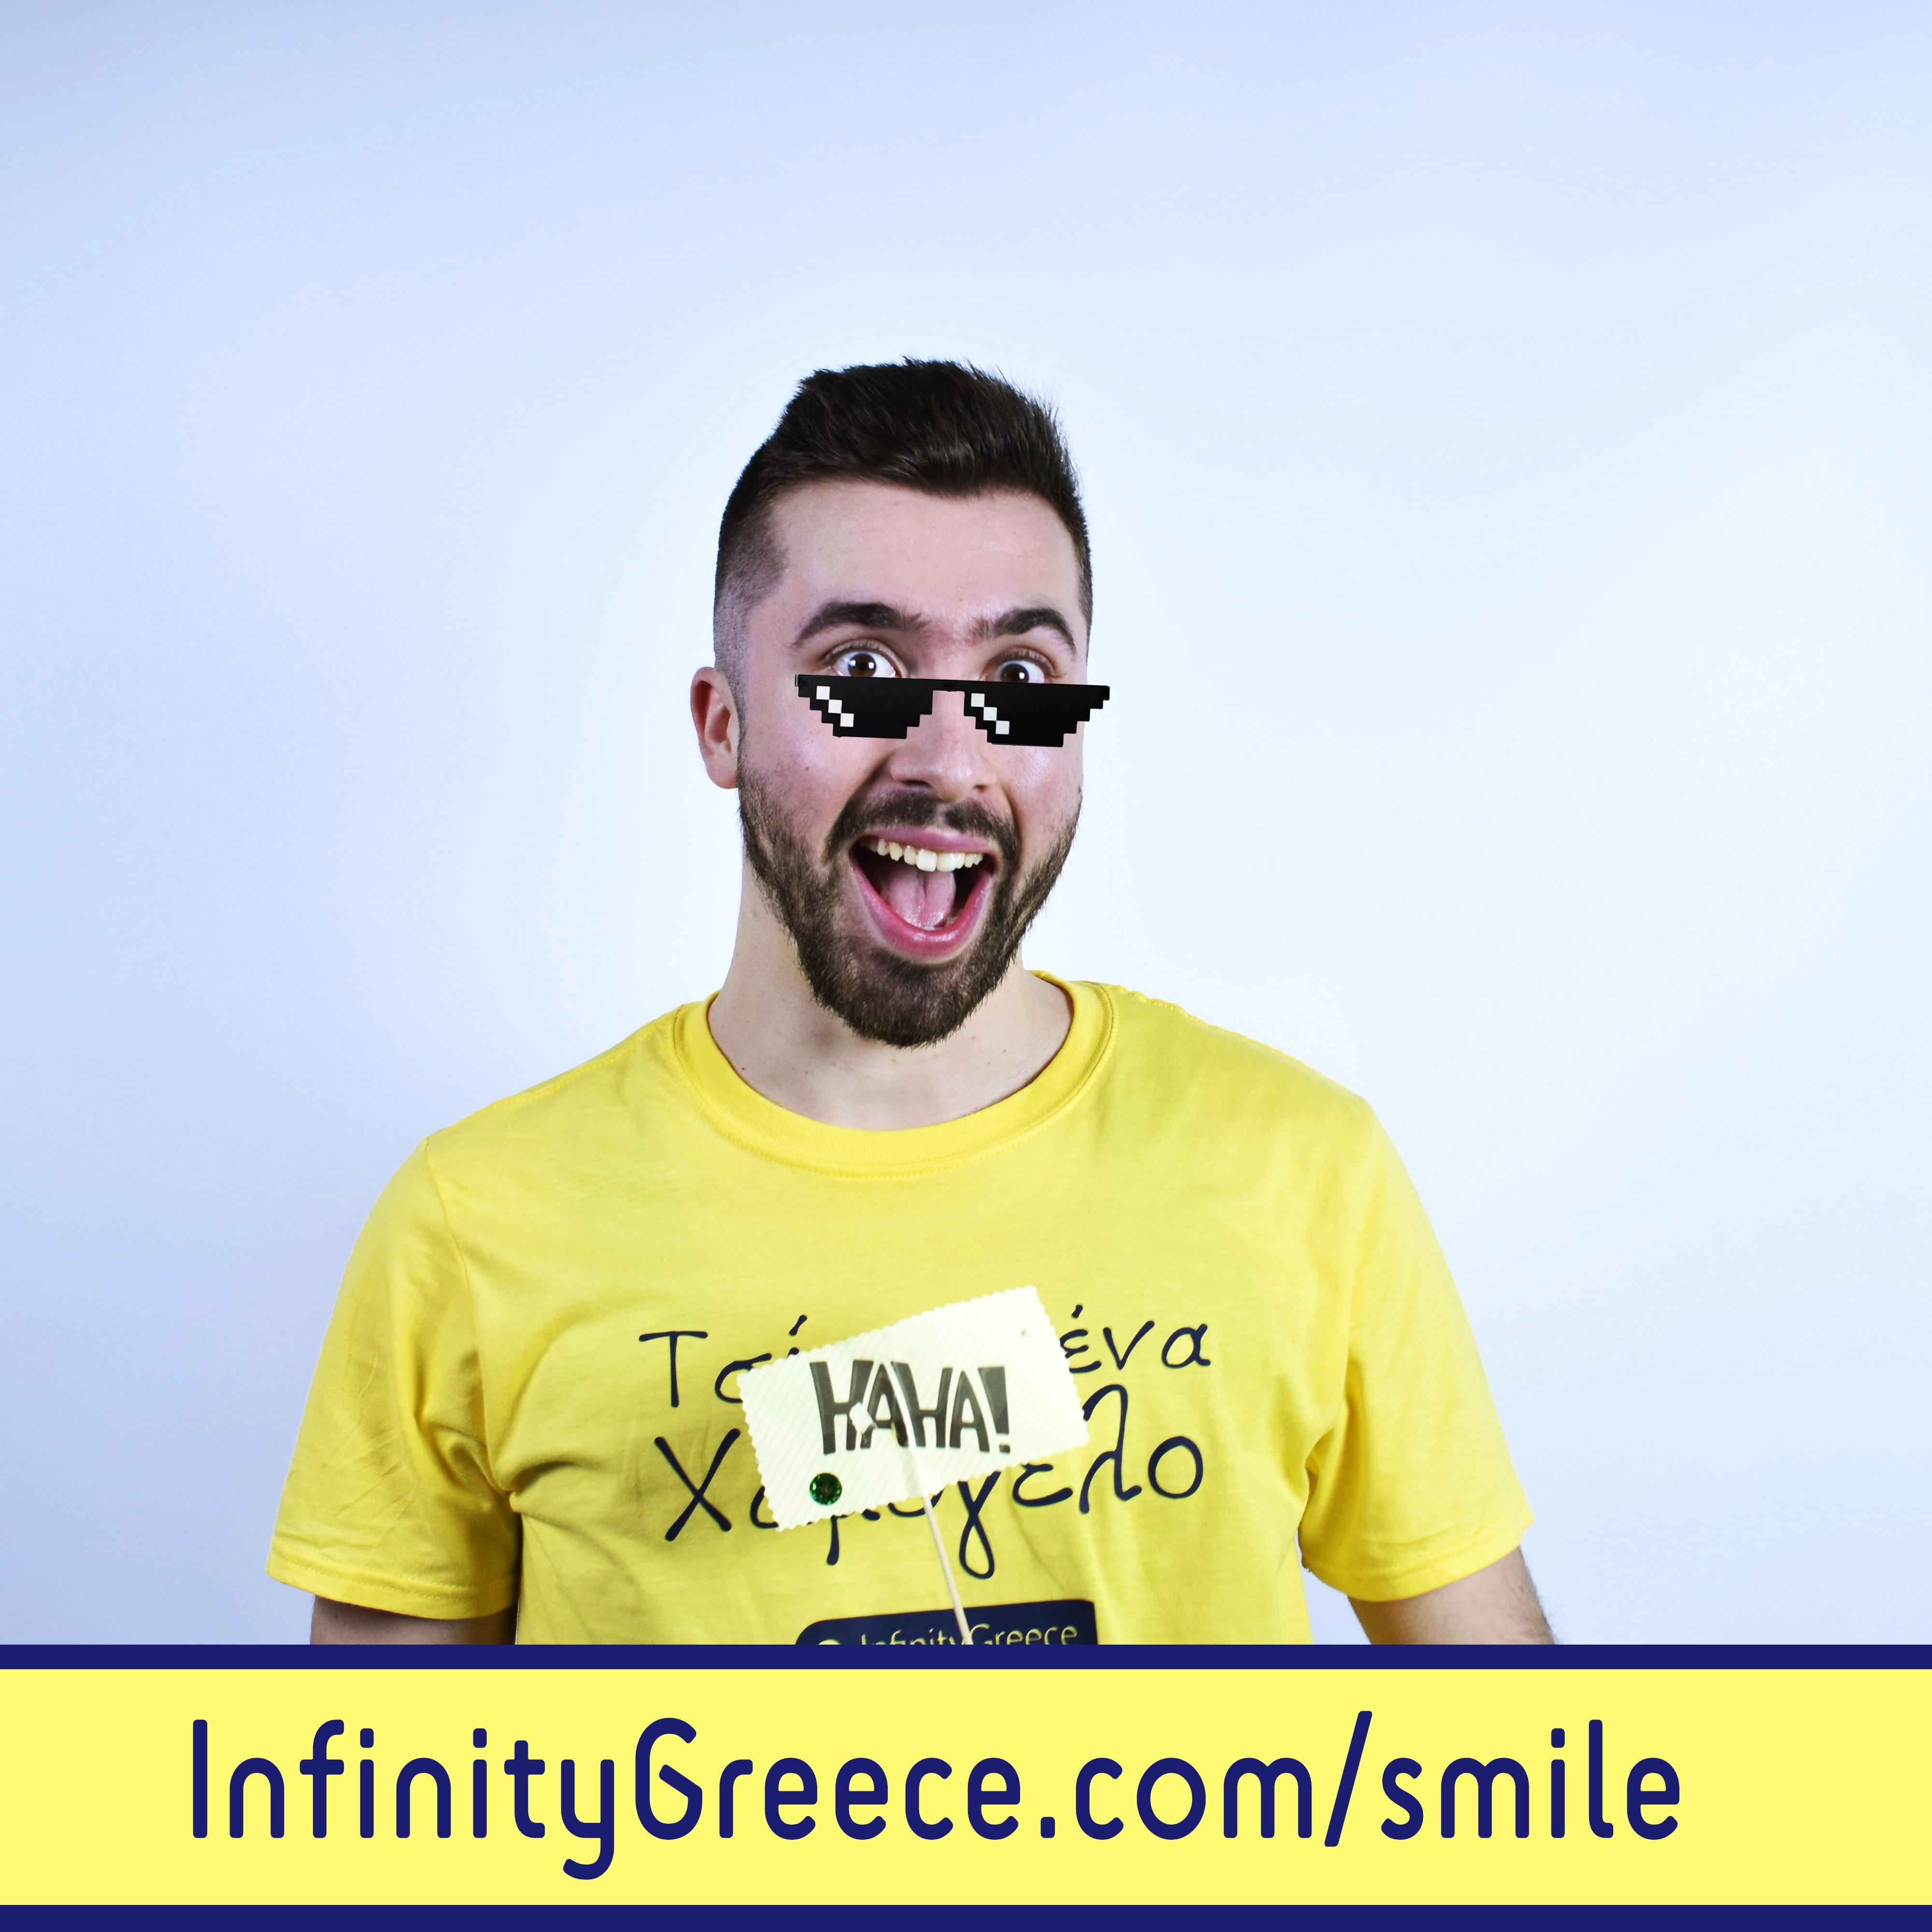 InfinityGreece